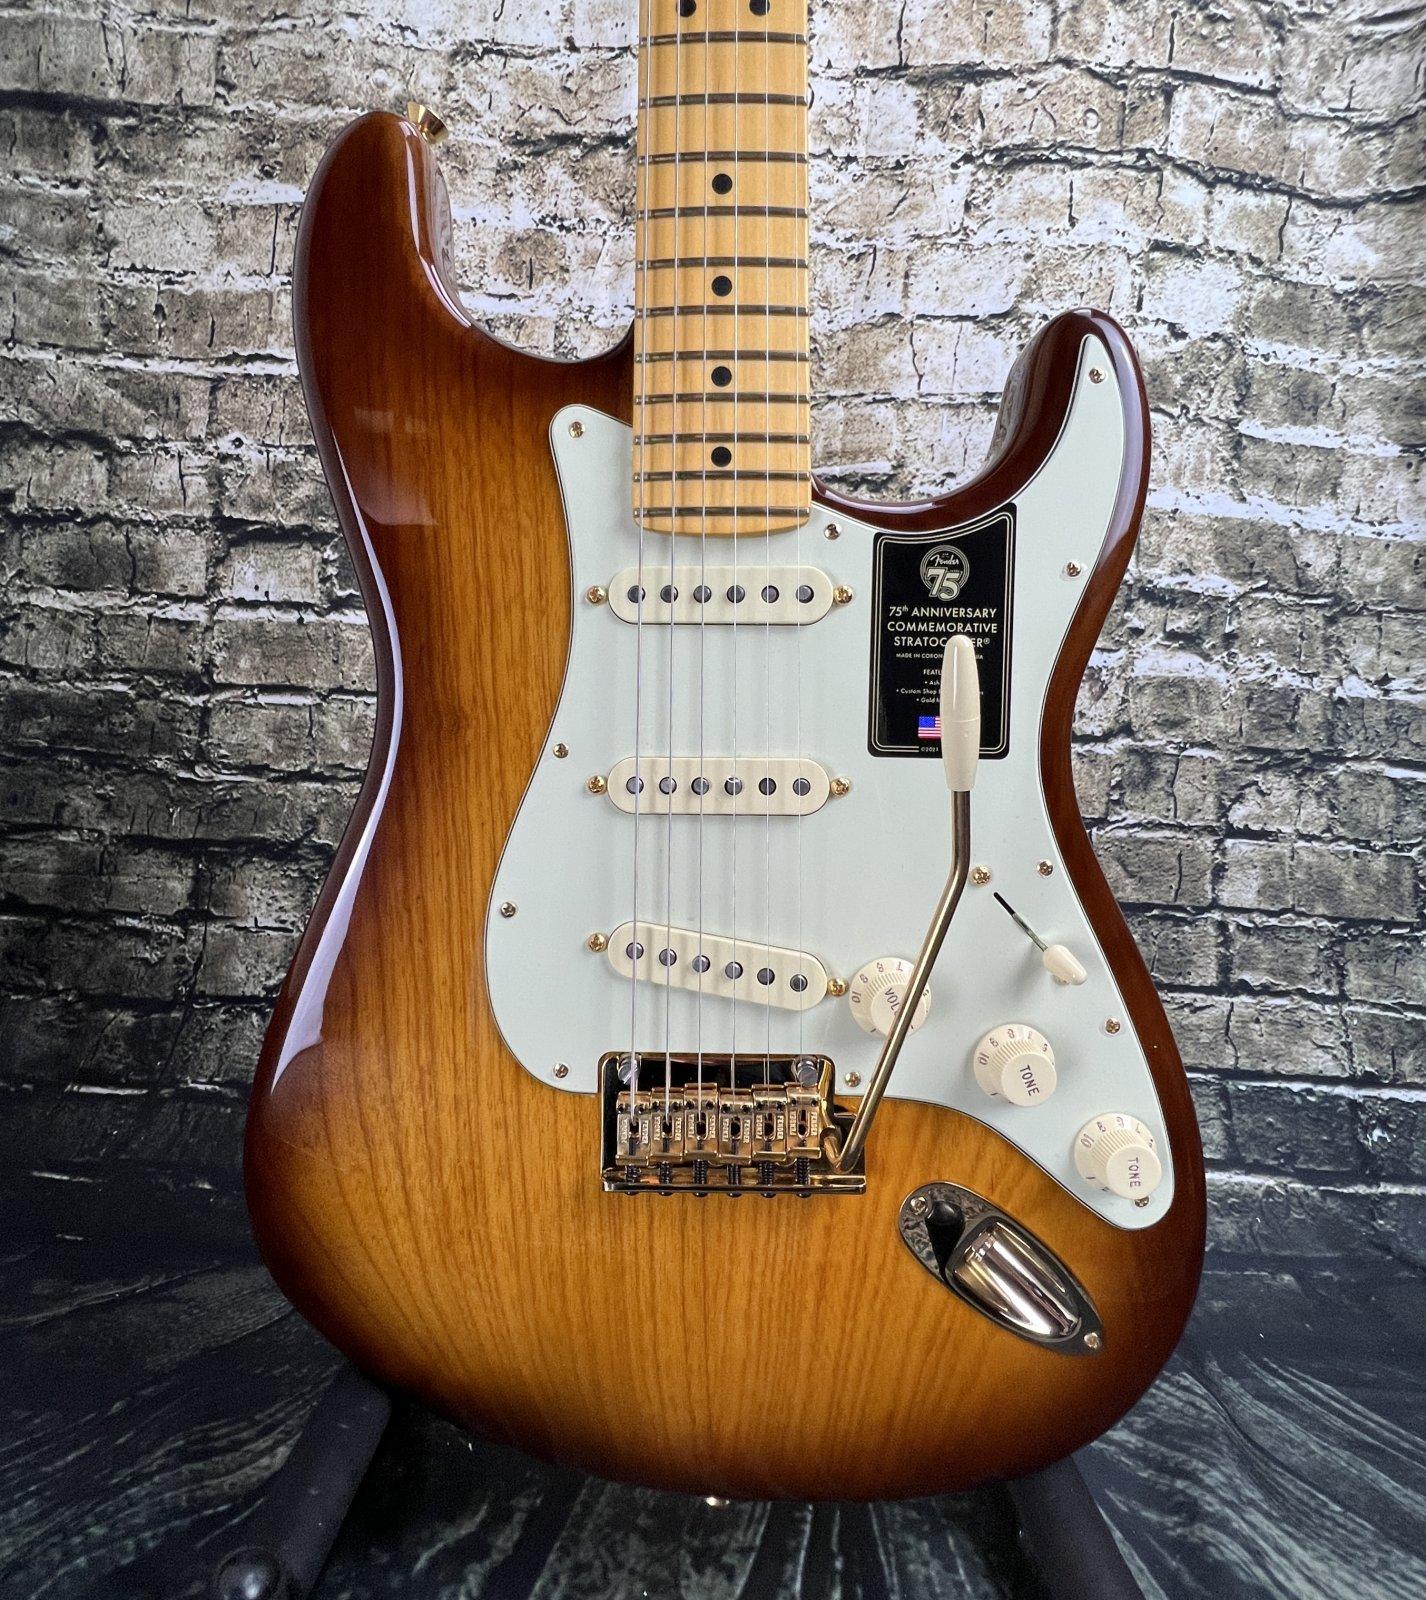 Fender 75th Anniversary Commemorative Stratocaster Maple Fingerboard - 2-Color Bourbon Burst